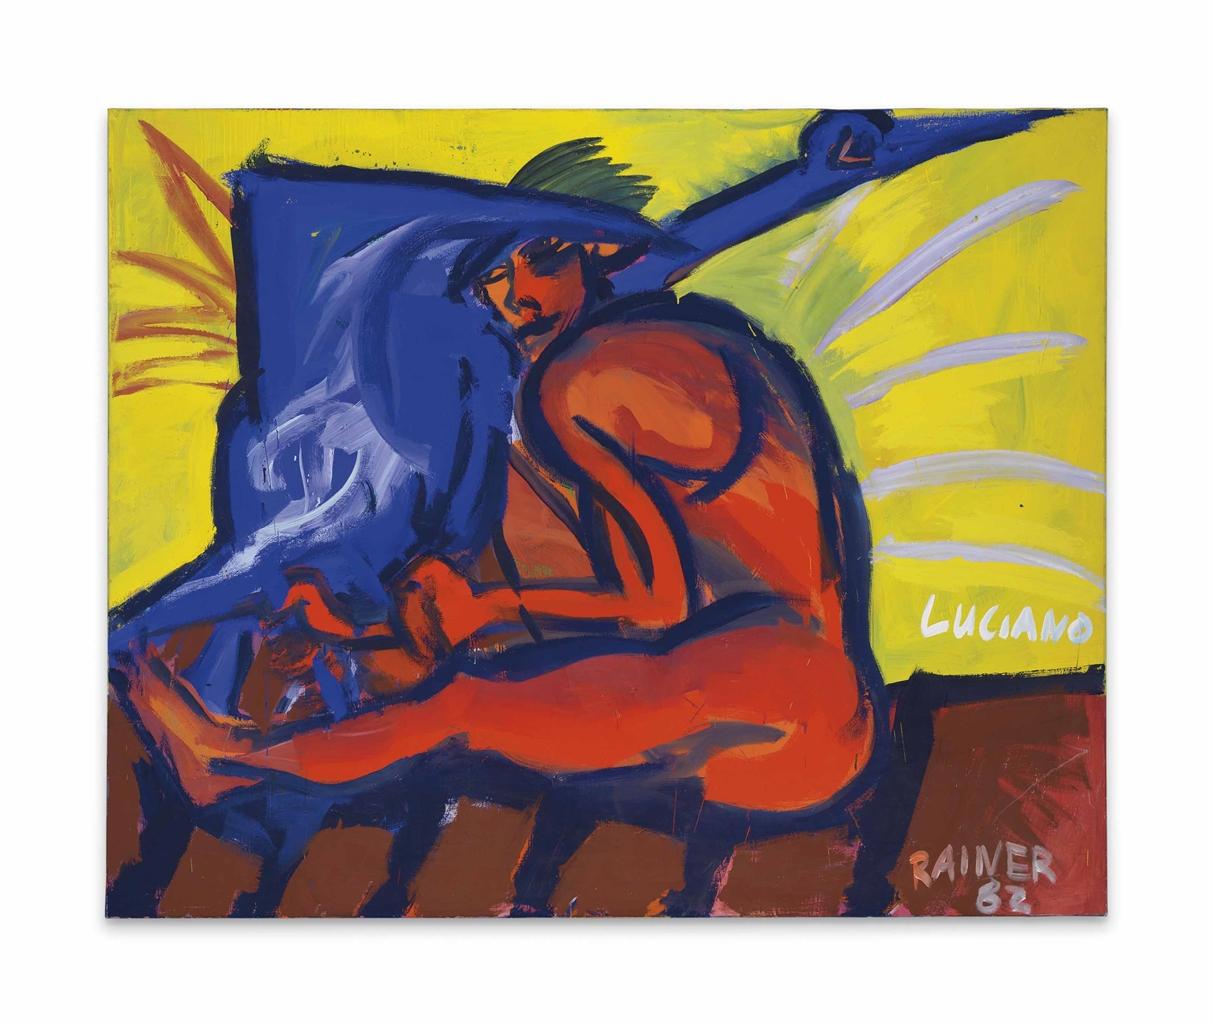 Rainer Fetting-Luciano-Schwan III (Luciano-Swan III)-1982